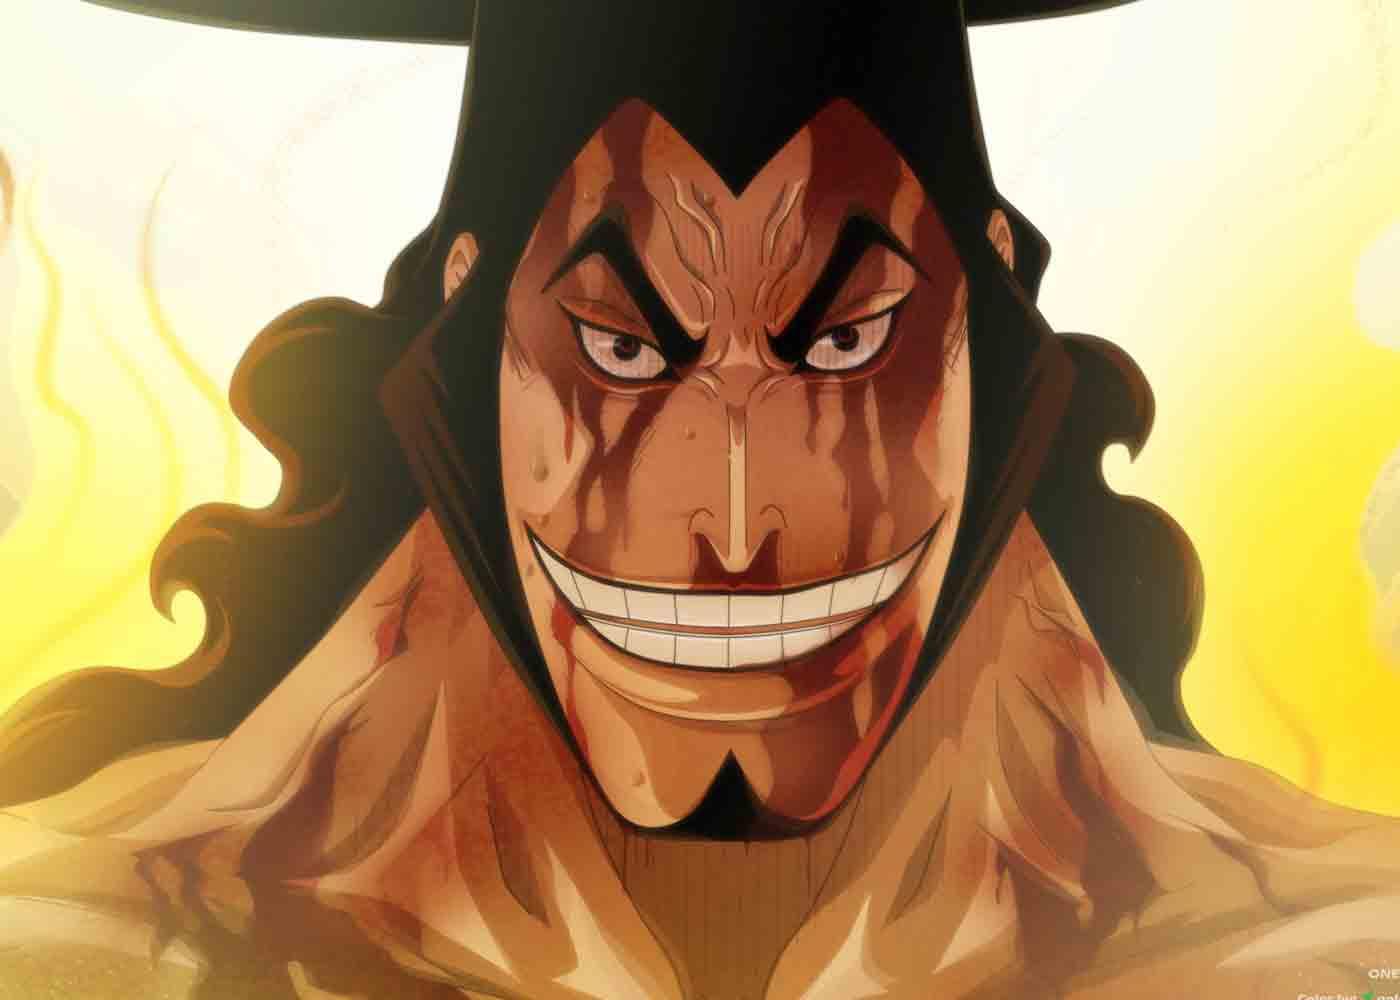 Prediksi One Piece 984 Yamato Memiliki Koneksi Dengan Oden Greenscene